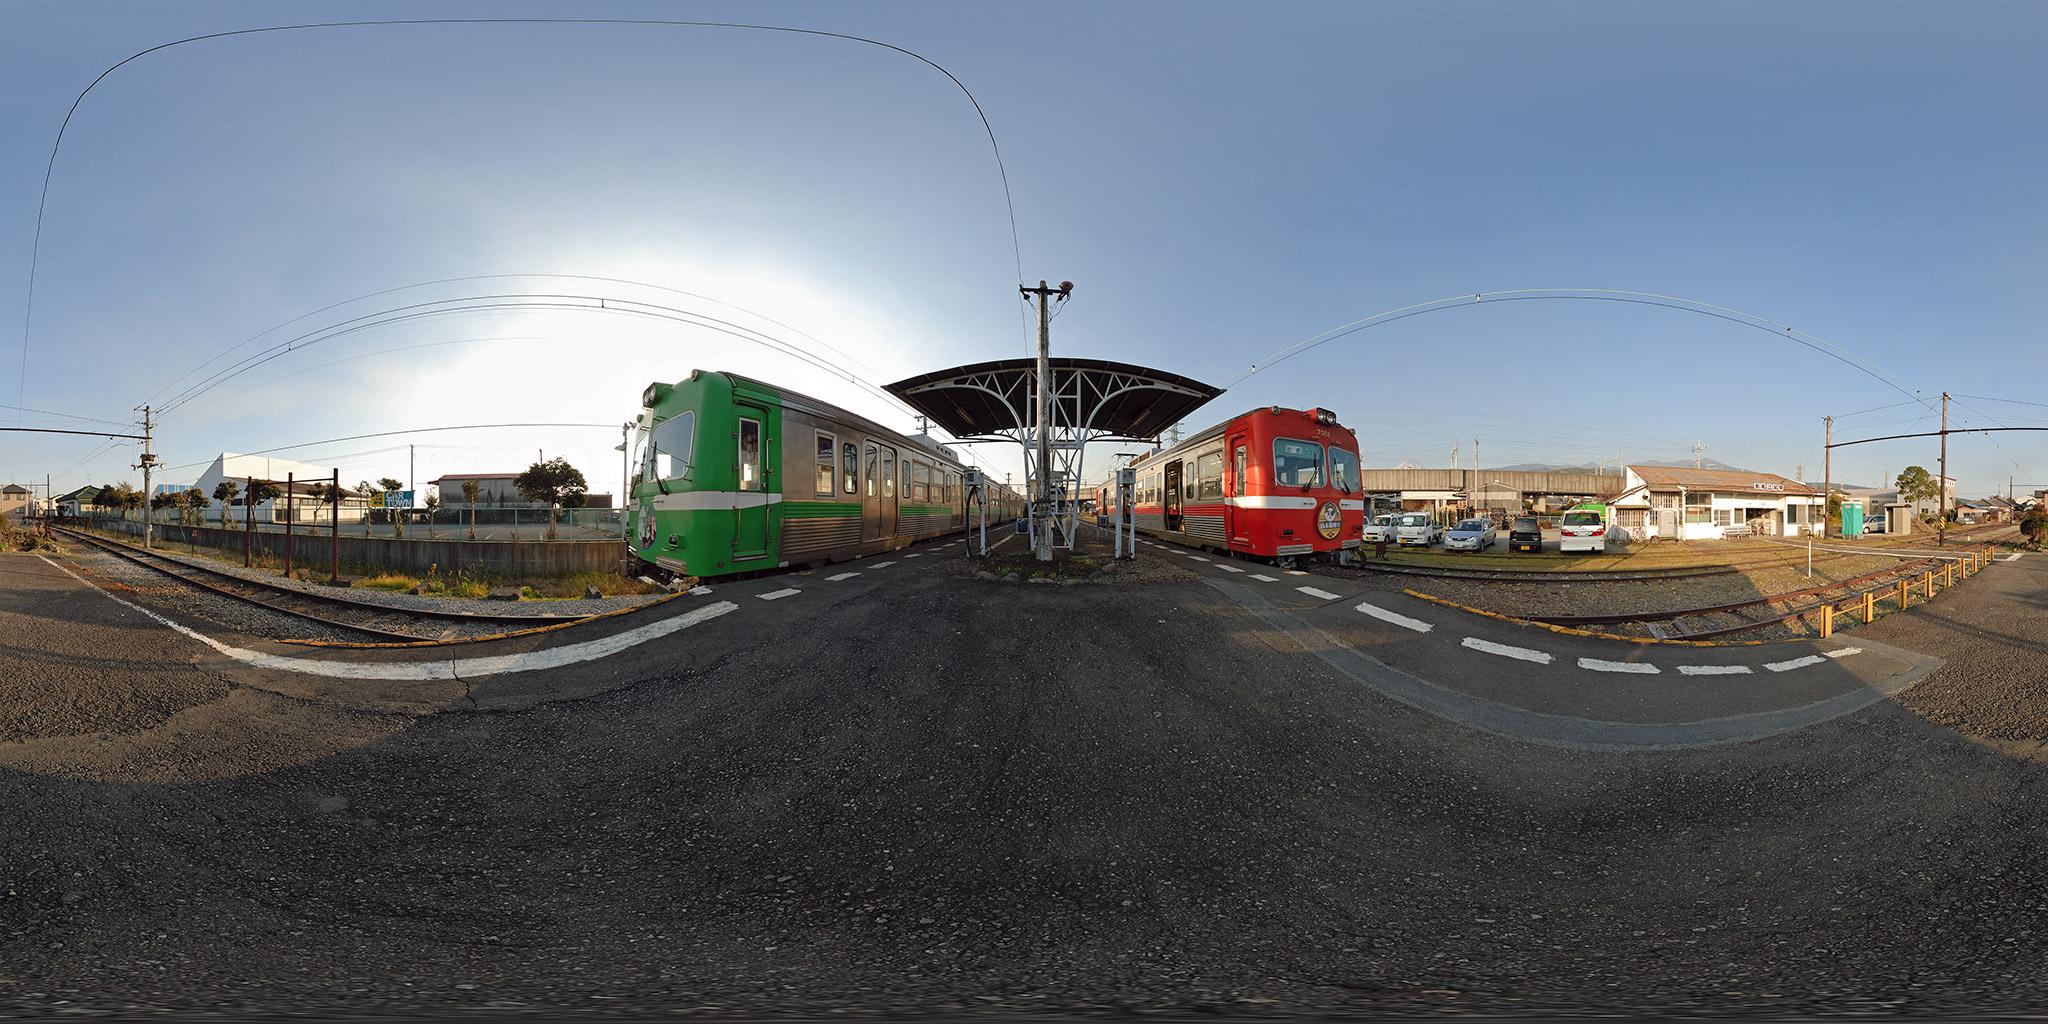 岳南江尾駅で並ぶ7001と8001